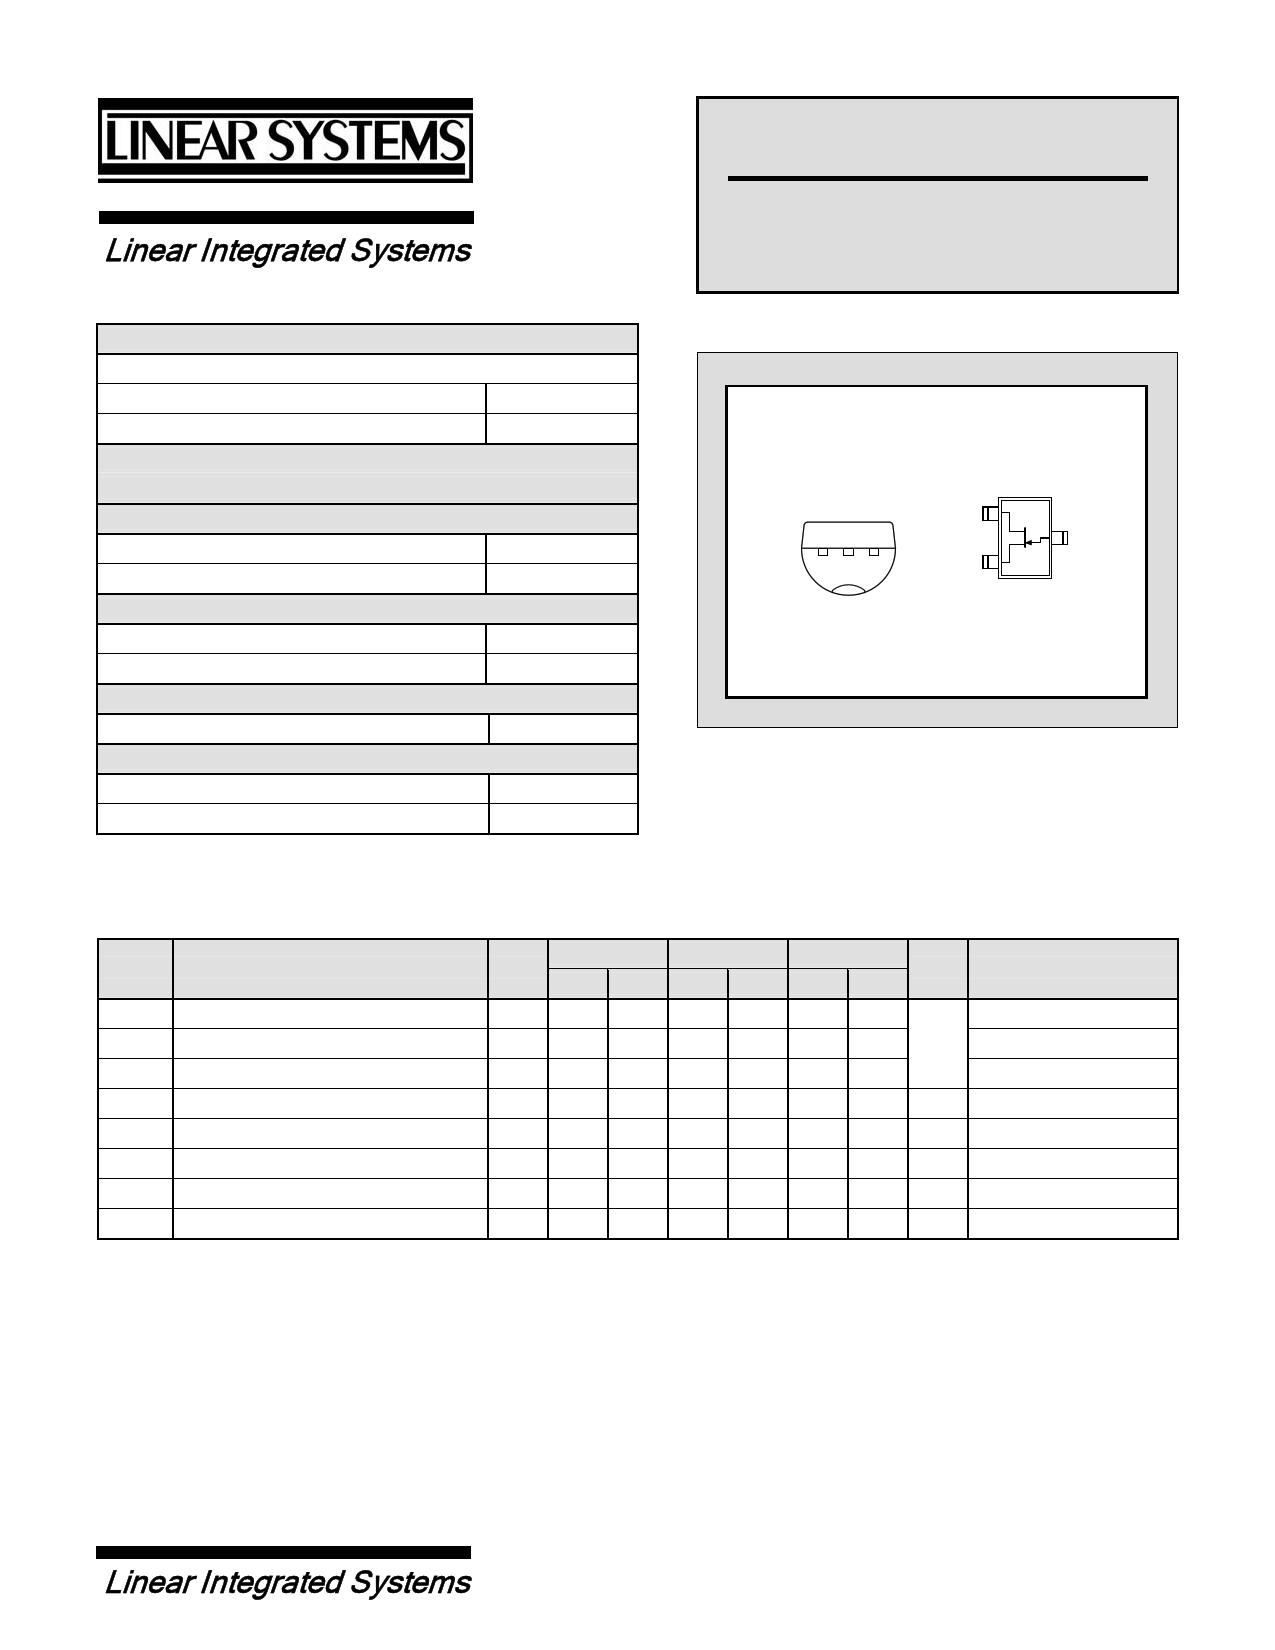 J111 Hoja de datos, Descripción, Manual